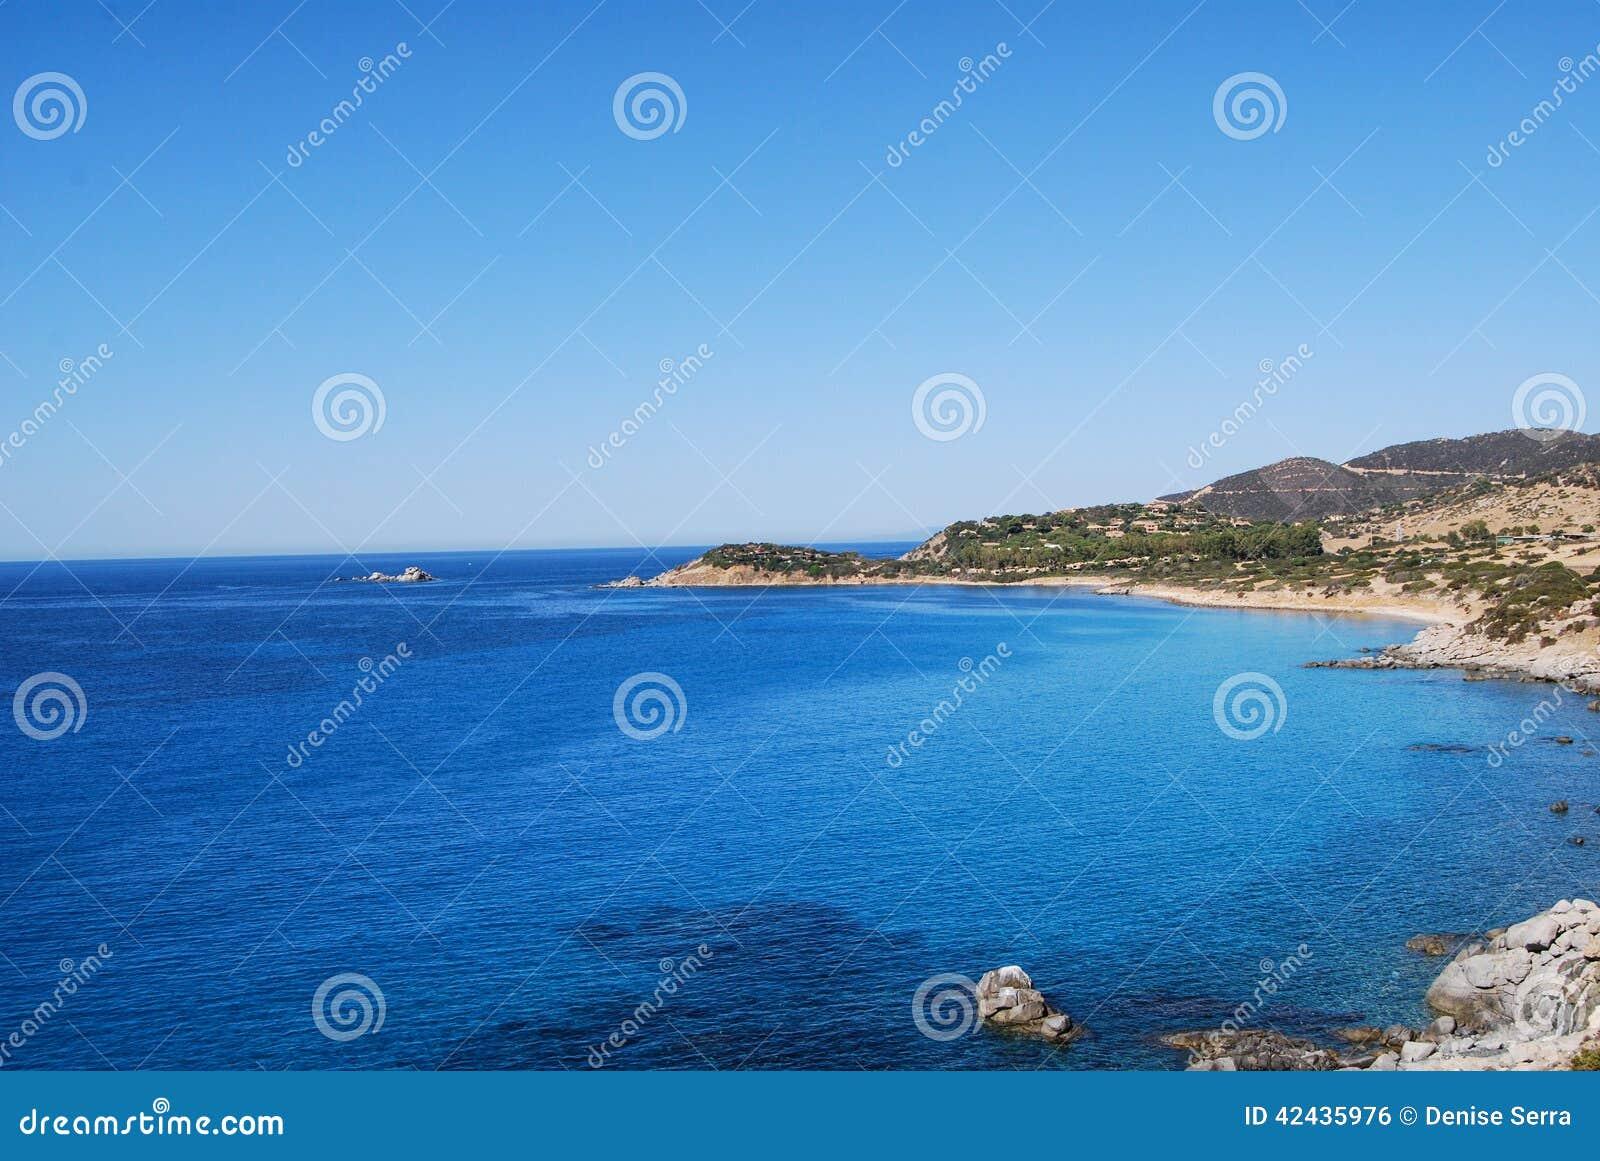 Mar de Villasimius, en Cerdeña, Italia